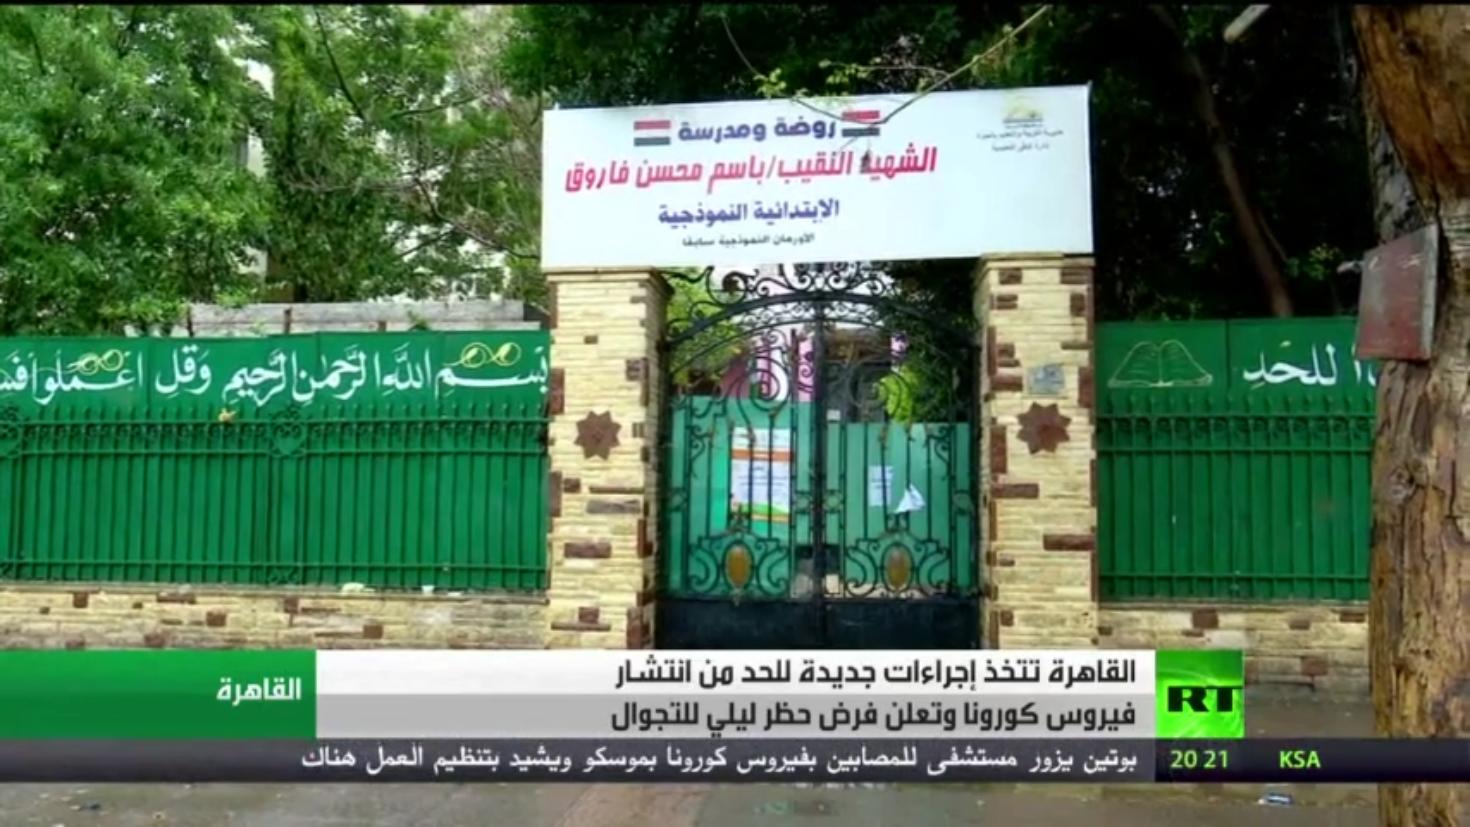 مصر تعلن حظر التجوال ليلا لمواجهة كورونا